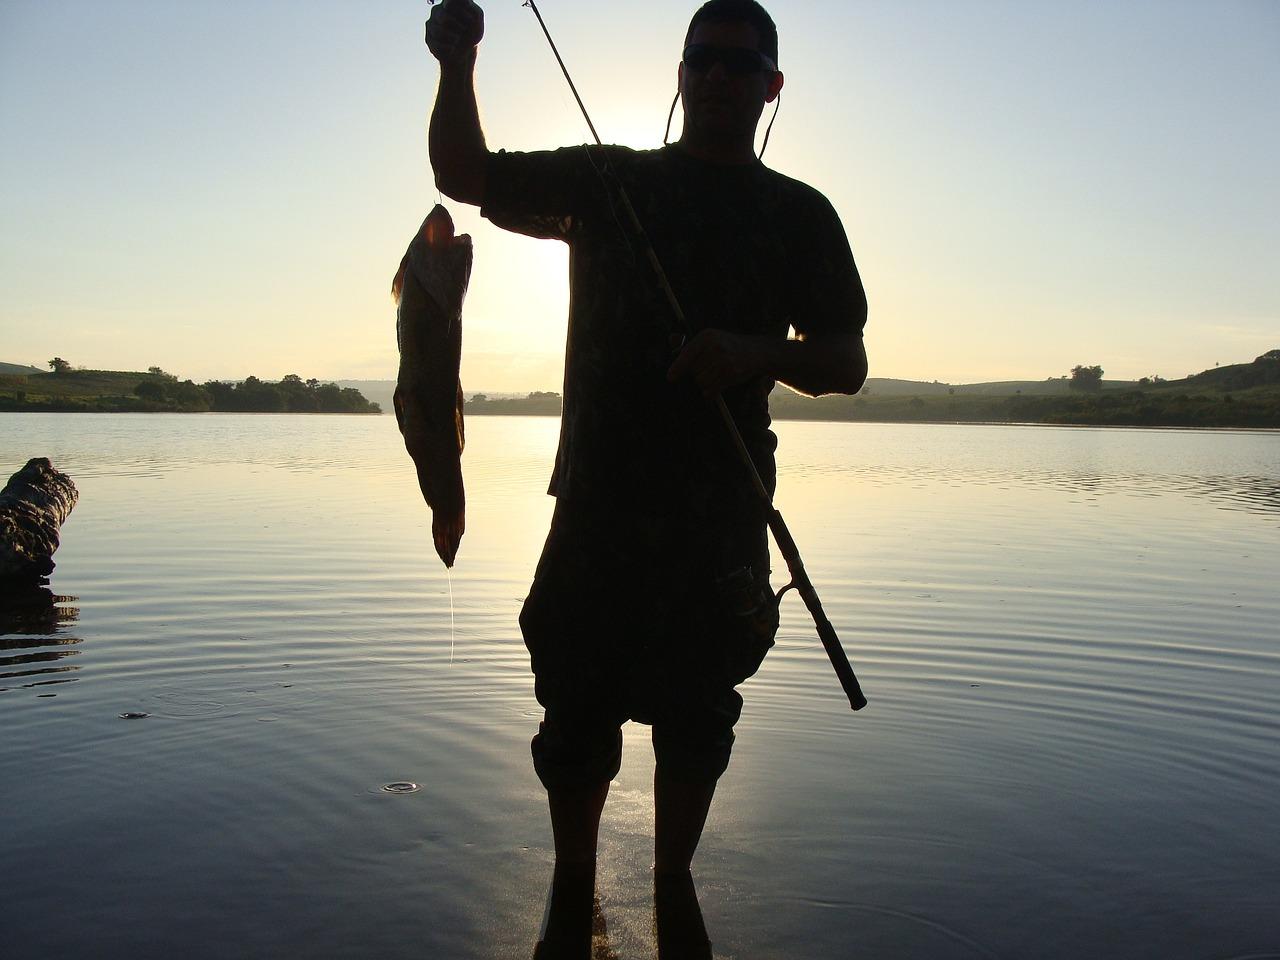 обойти старый картинка мужчина рыбачить кинг